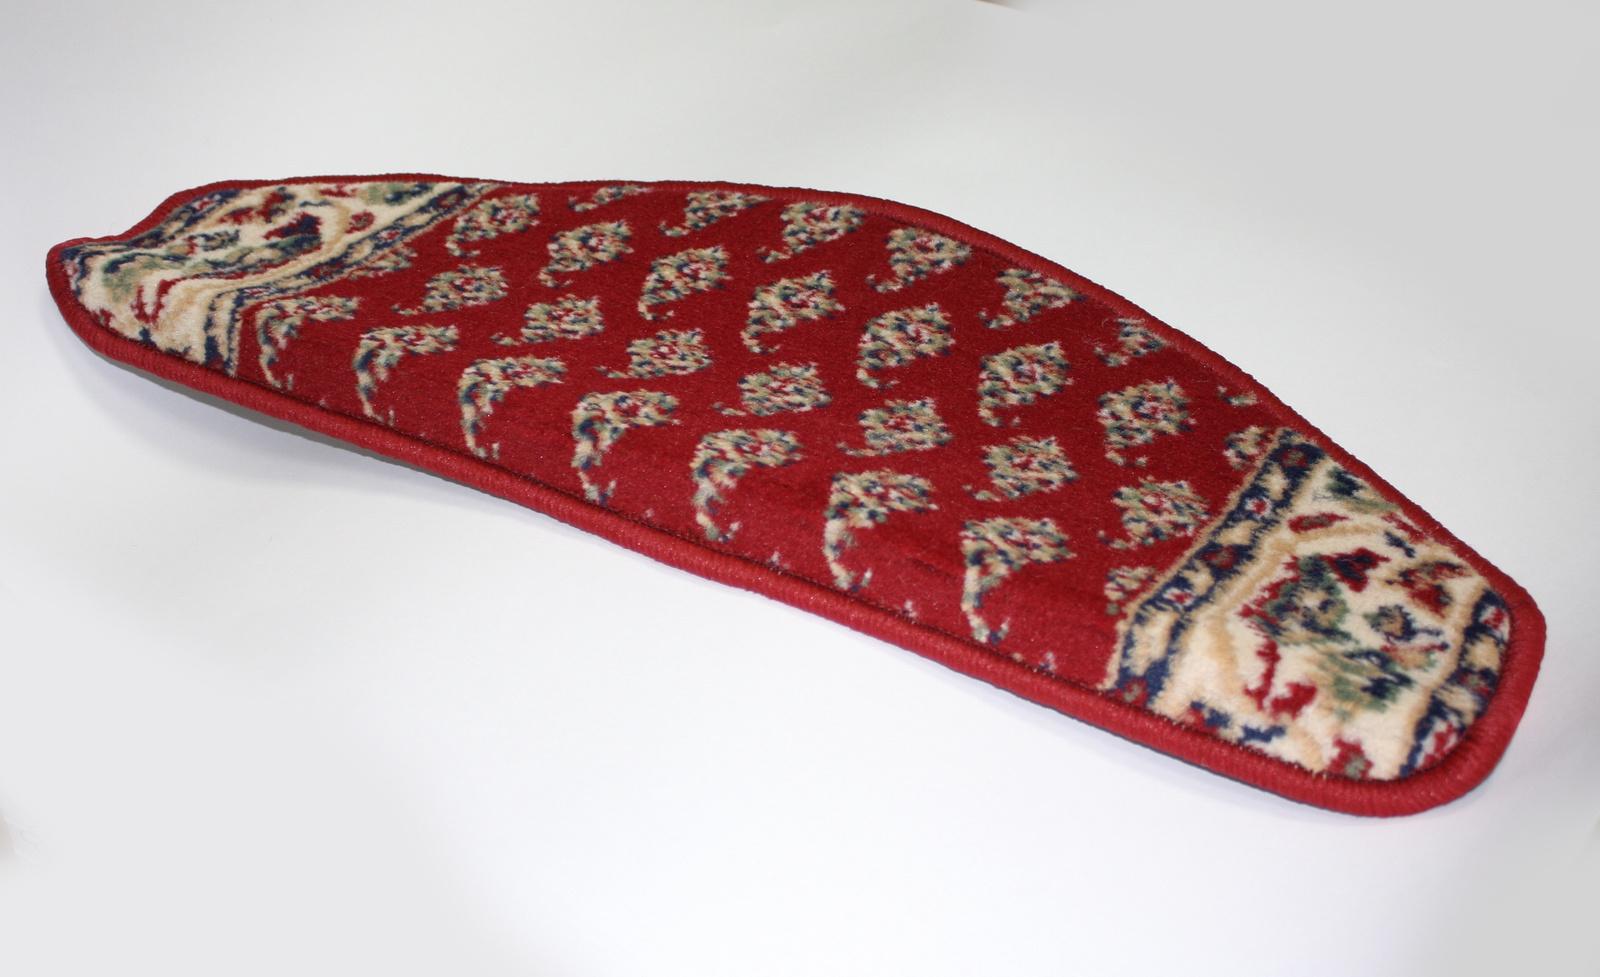 Защитный коврик Велий Верона Мир 7616, бордовый защитный коврик велий хеопс 22 зеленый